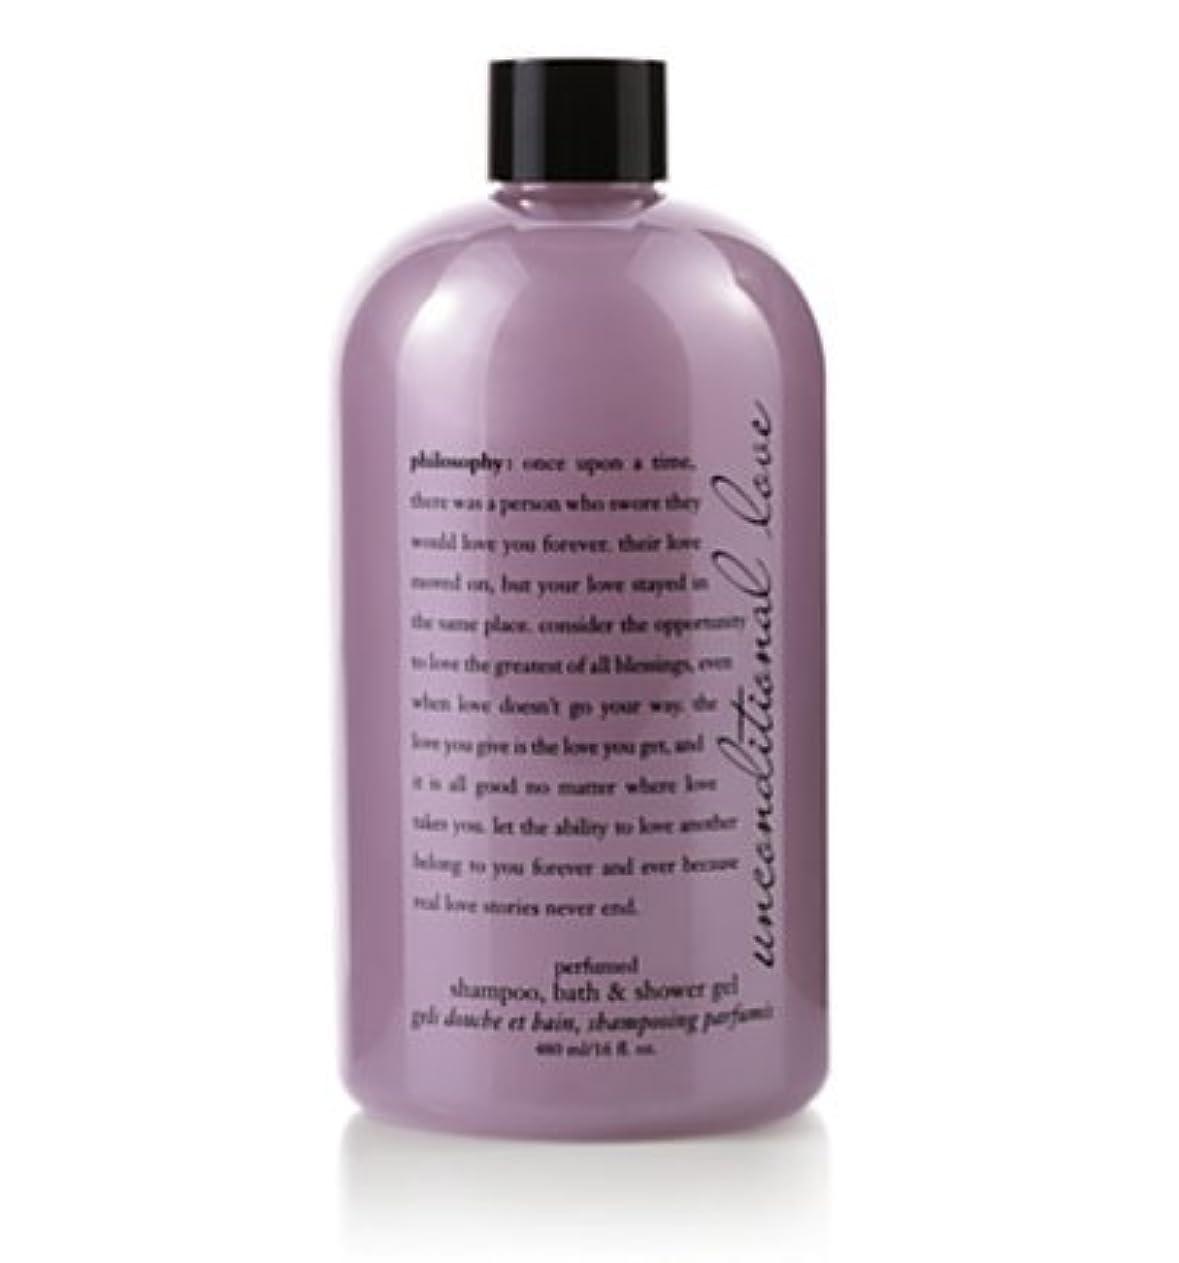 山岳十代の若者たち遊び場unconditional love (アンコンディショナルラブ ) 16.0 oz (480ml) perfumed shampoo, bath & shower gel for Women